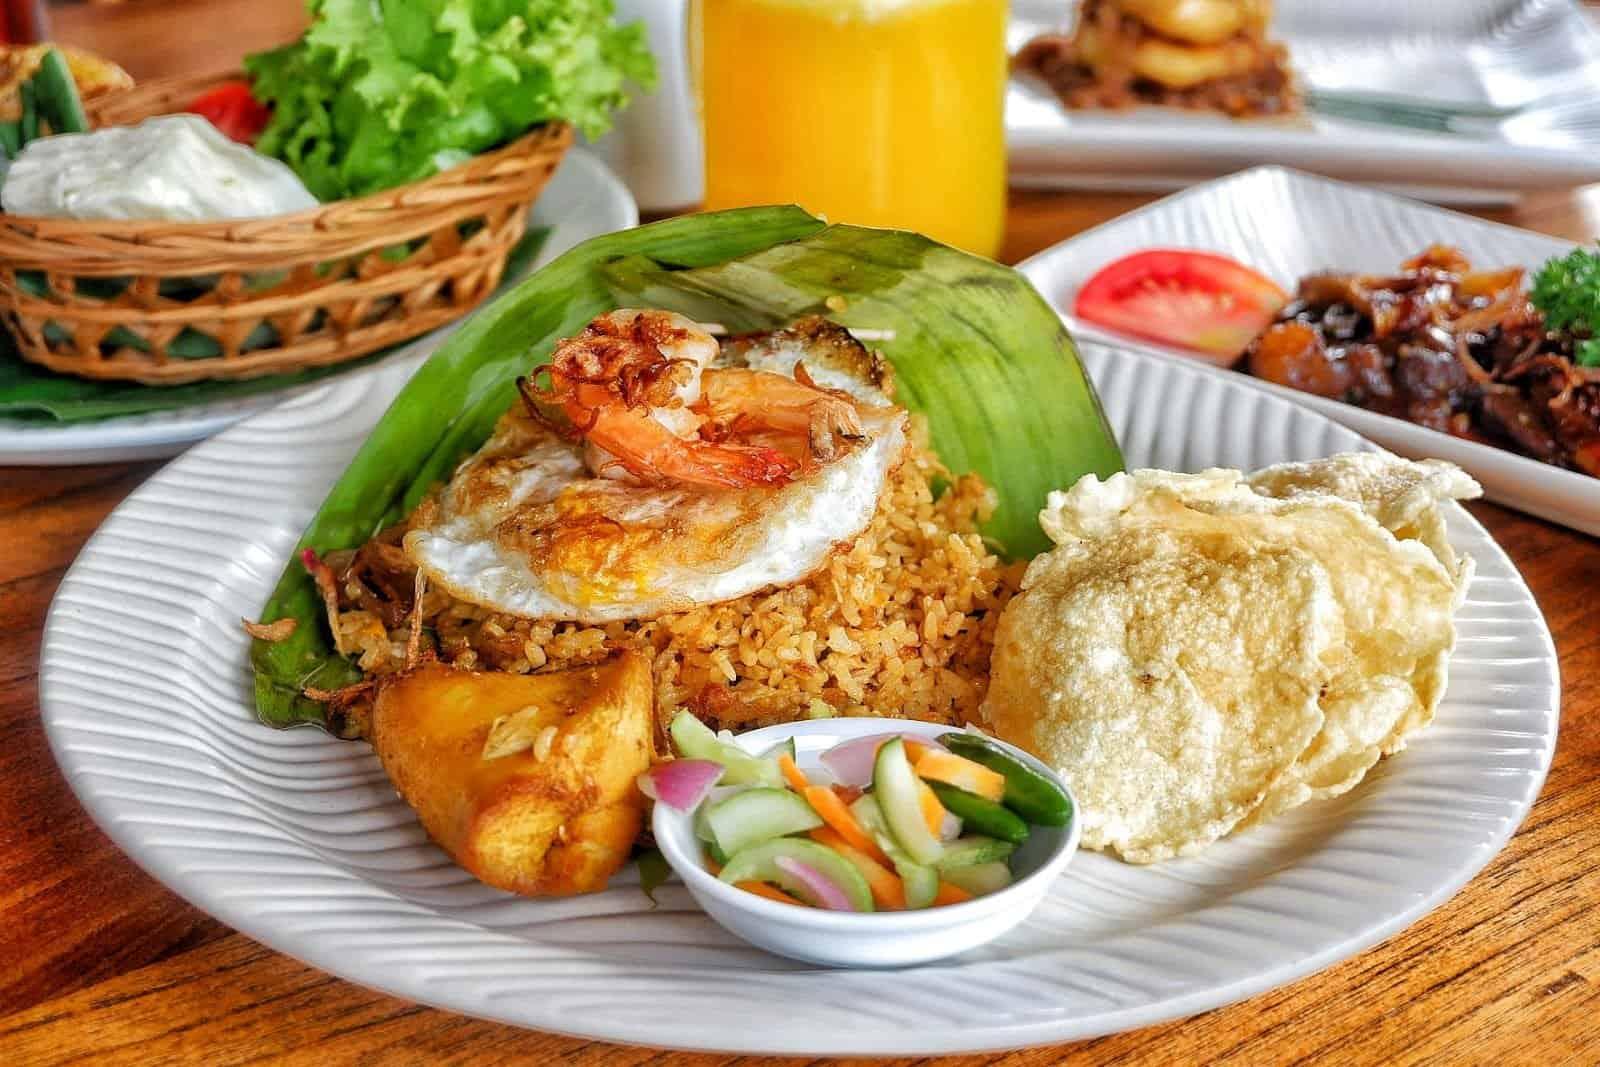 افضل 4 من مطاعم بونشاك اندونيسيا